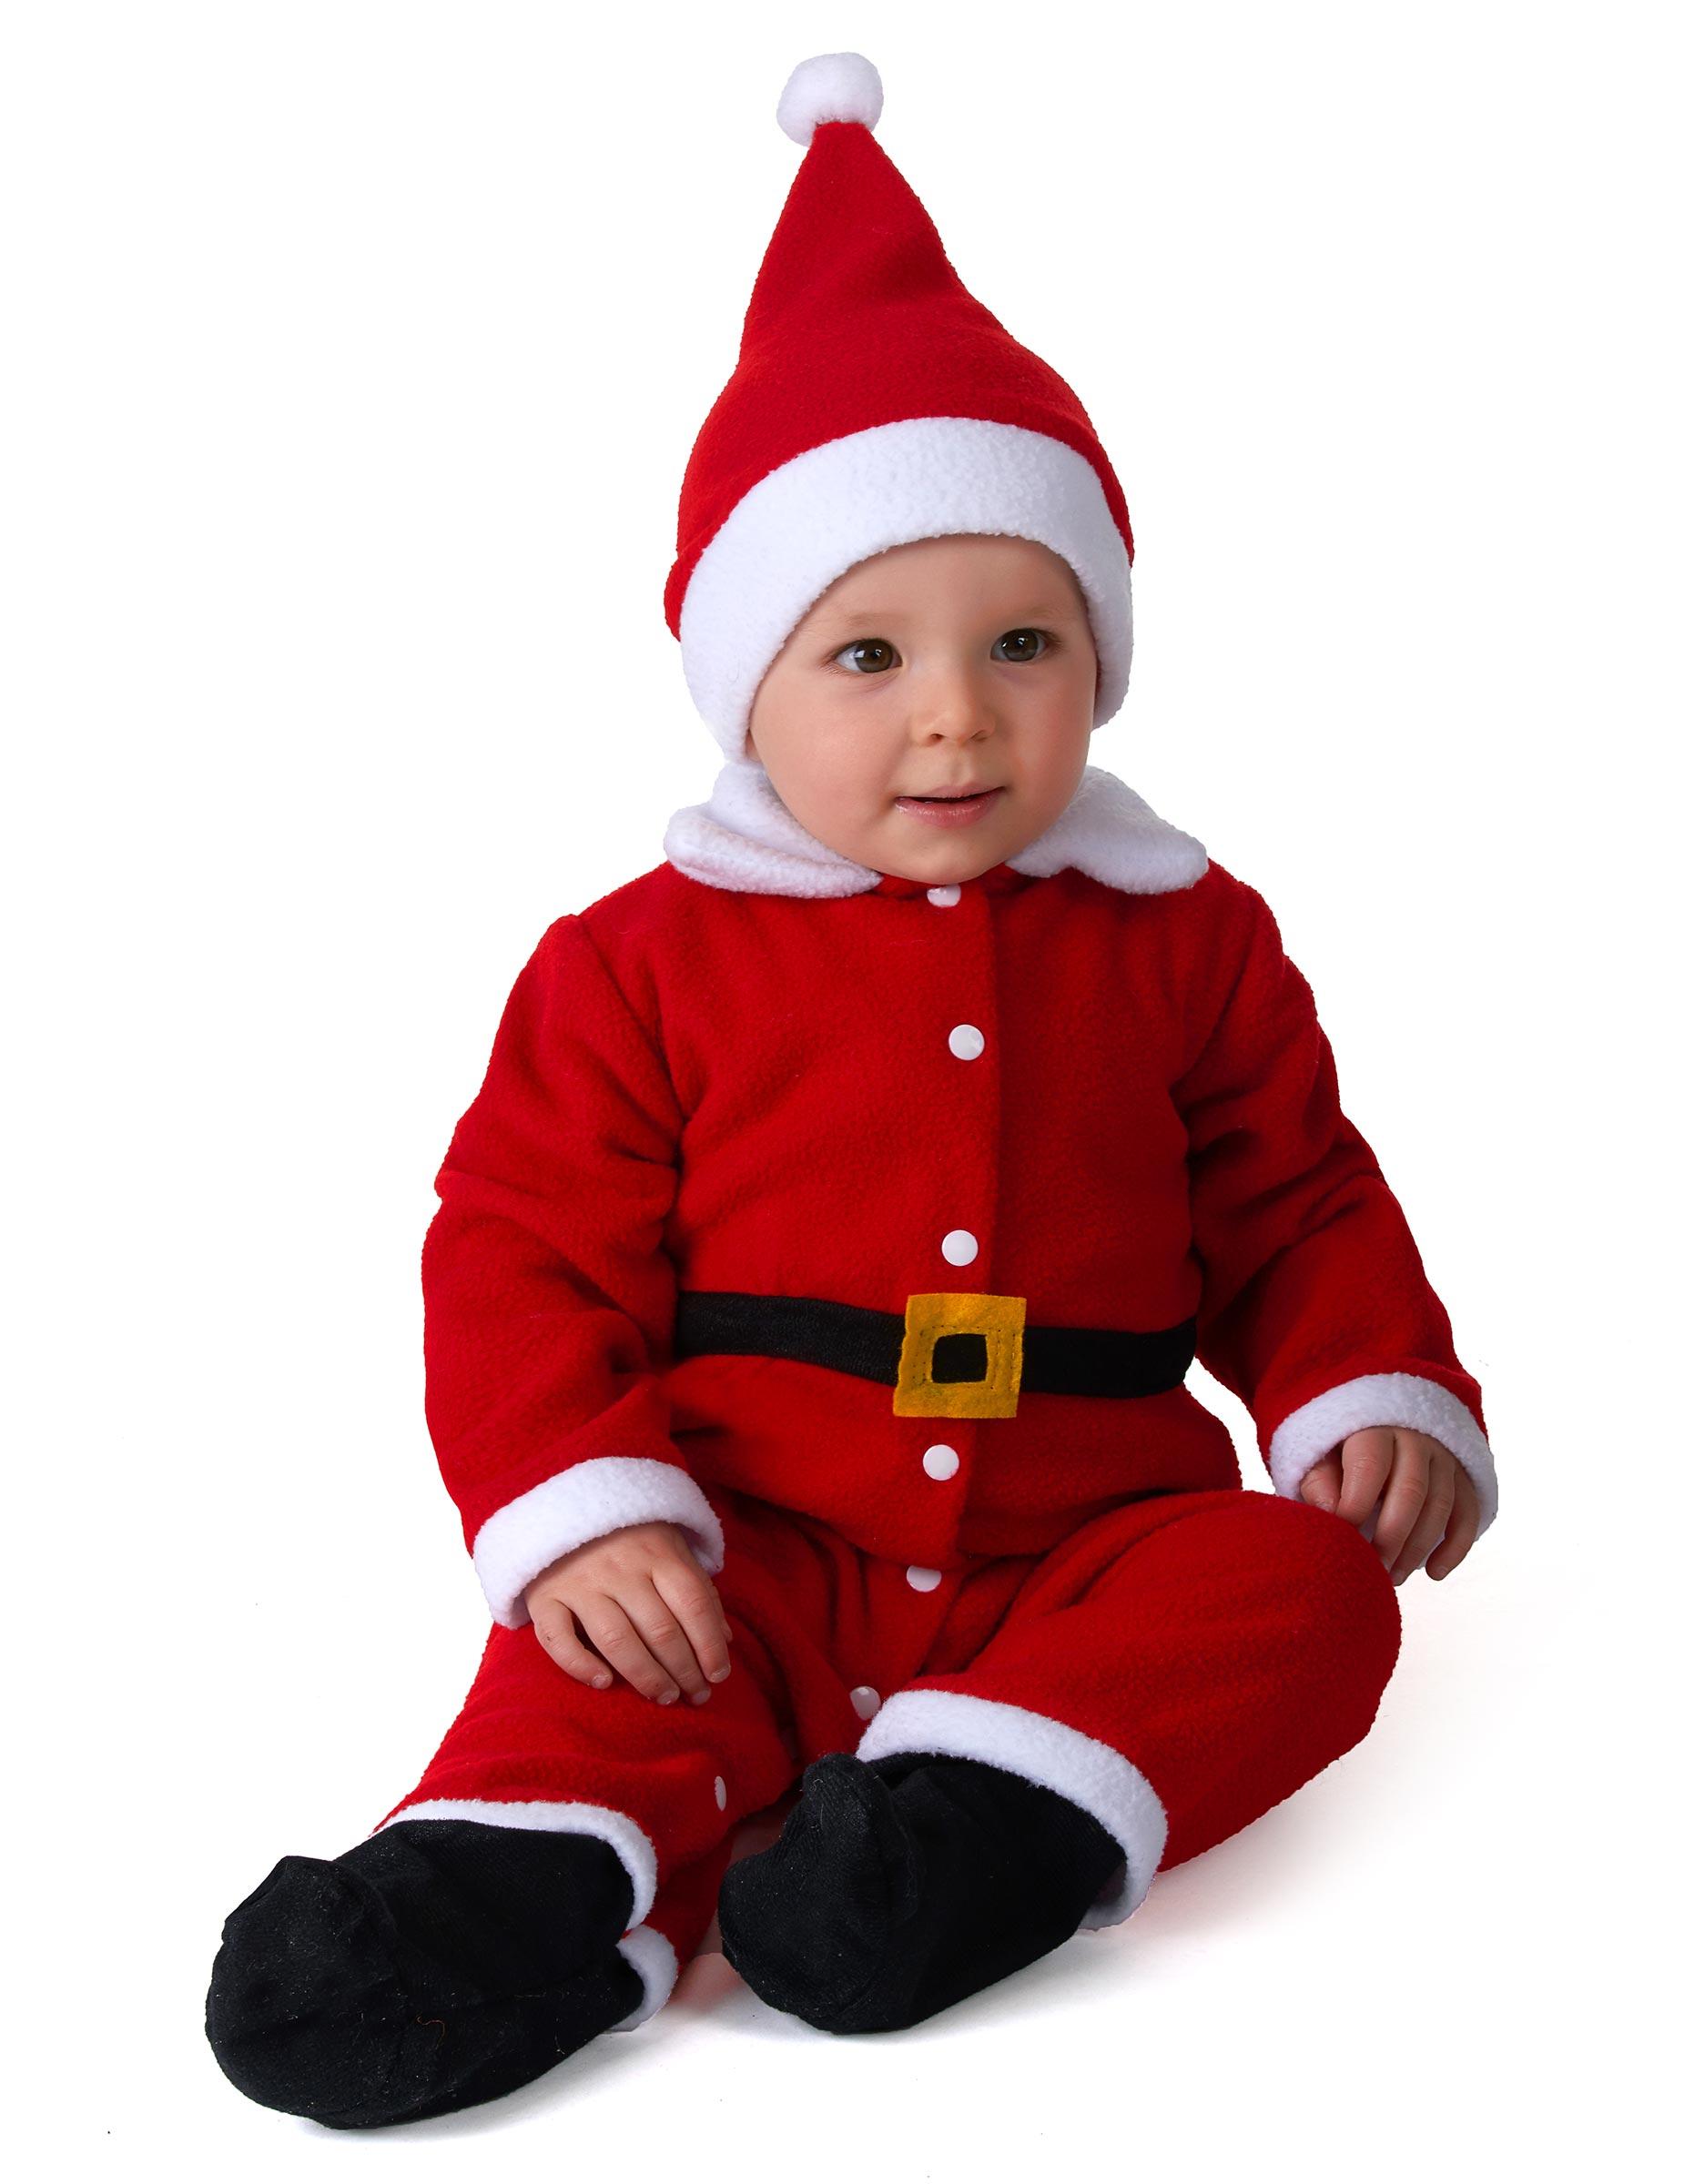 25a532f33d81 Costume da Babbo Natale per bébé: Costumi bambini,e vestiti di ...